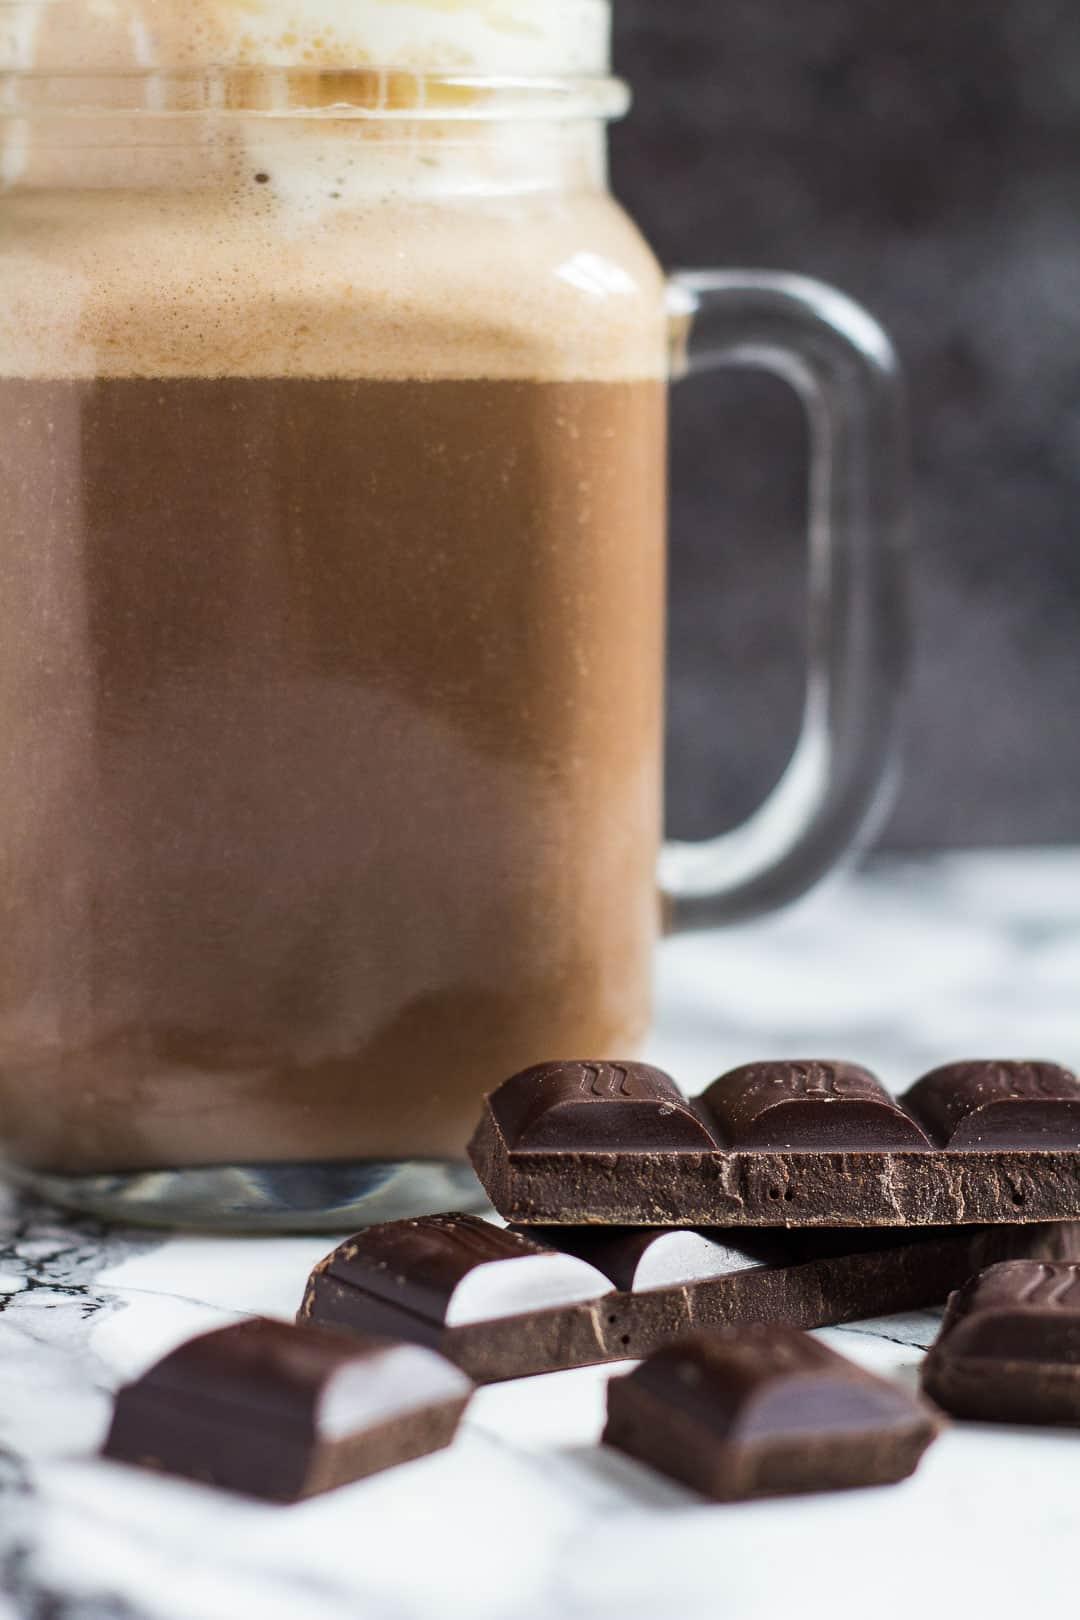 Spiced Chocolate Eggnog - Deliciously thick and creamy, perfectly spiced CHOCOLATE eggnog that tastes amazing hot or cold! | marshasbakingaddiction.com | @marshasbakeblog